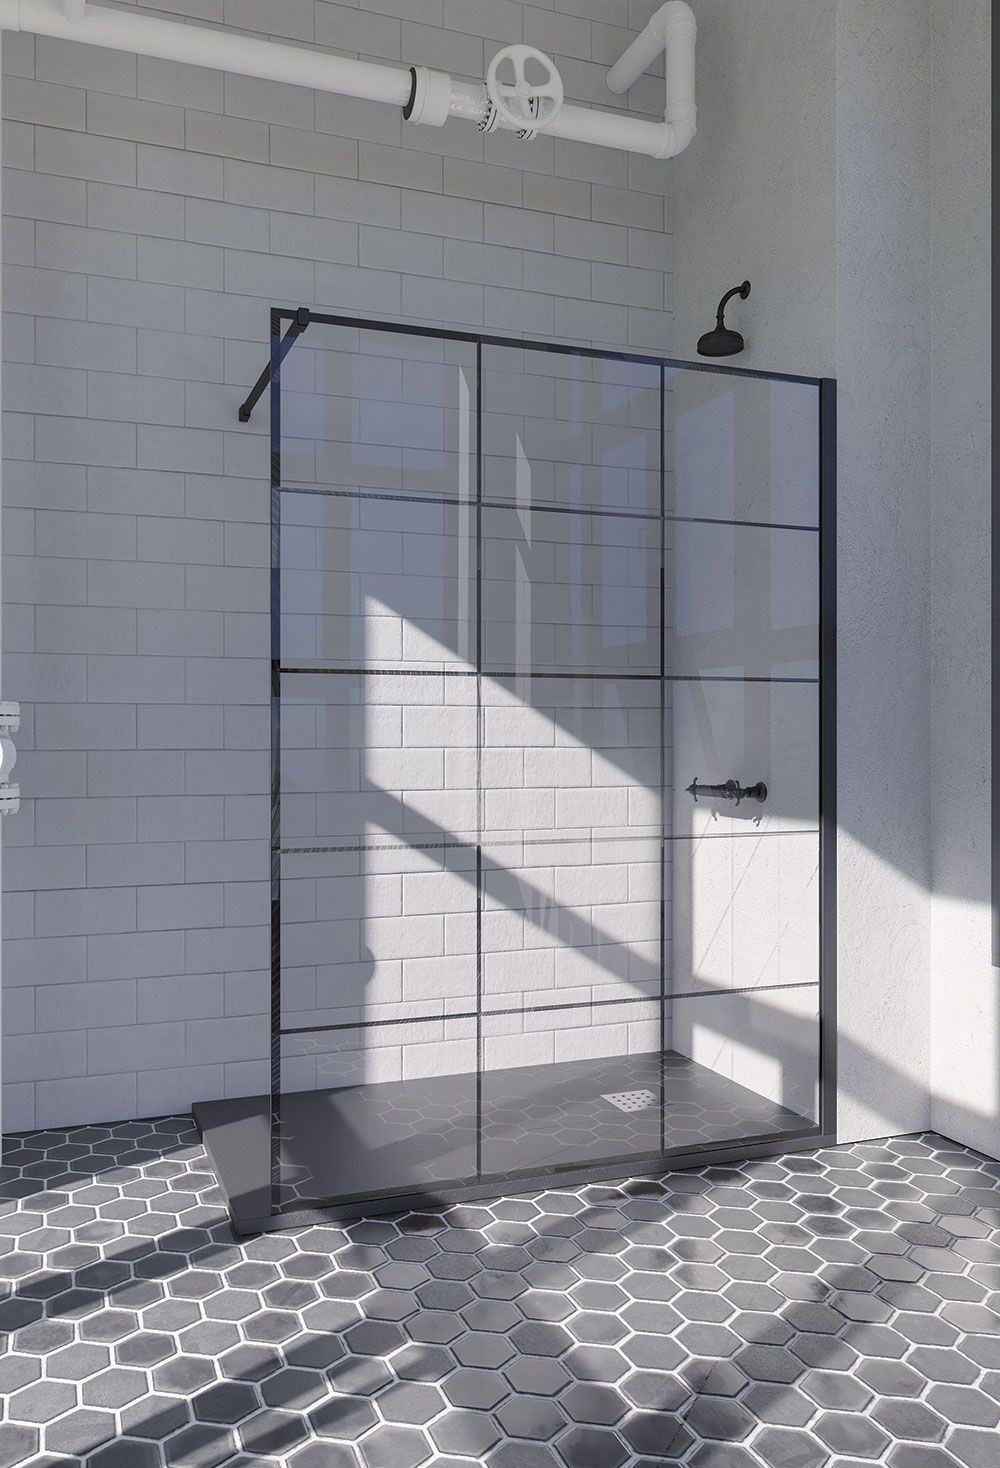 Image result for walk thru closet to bathroom Closet remodel